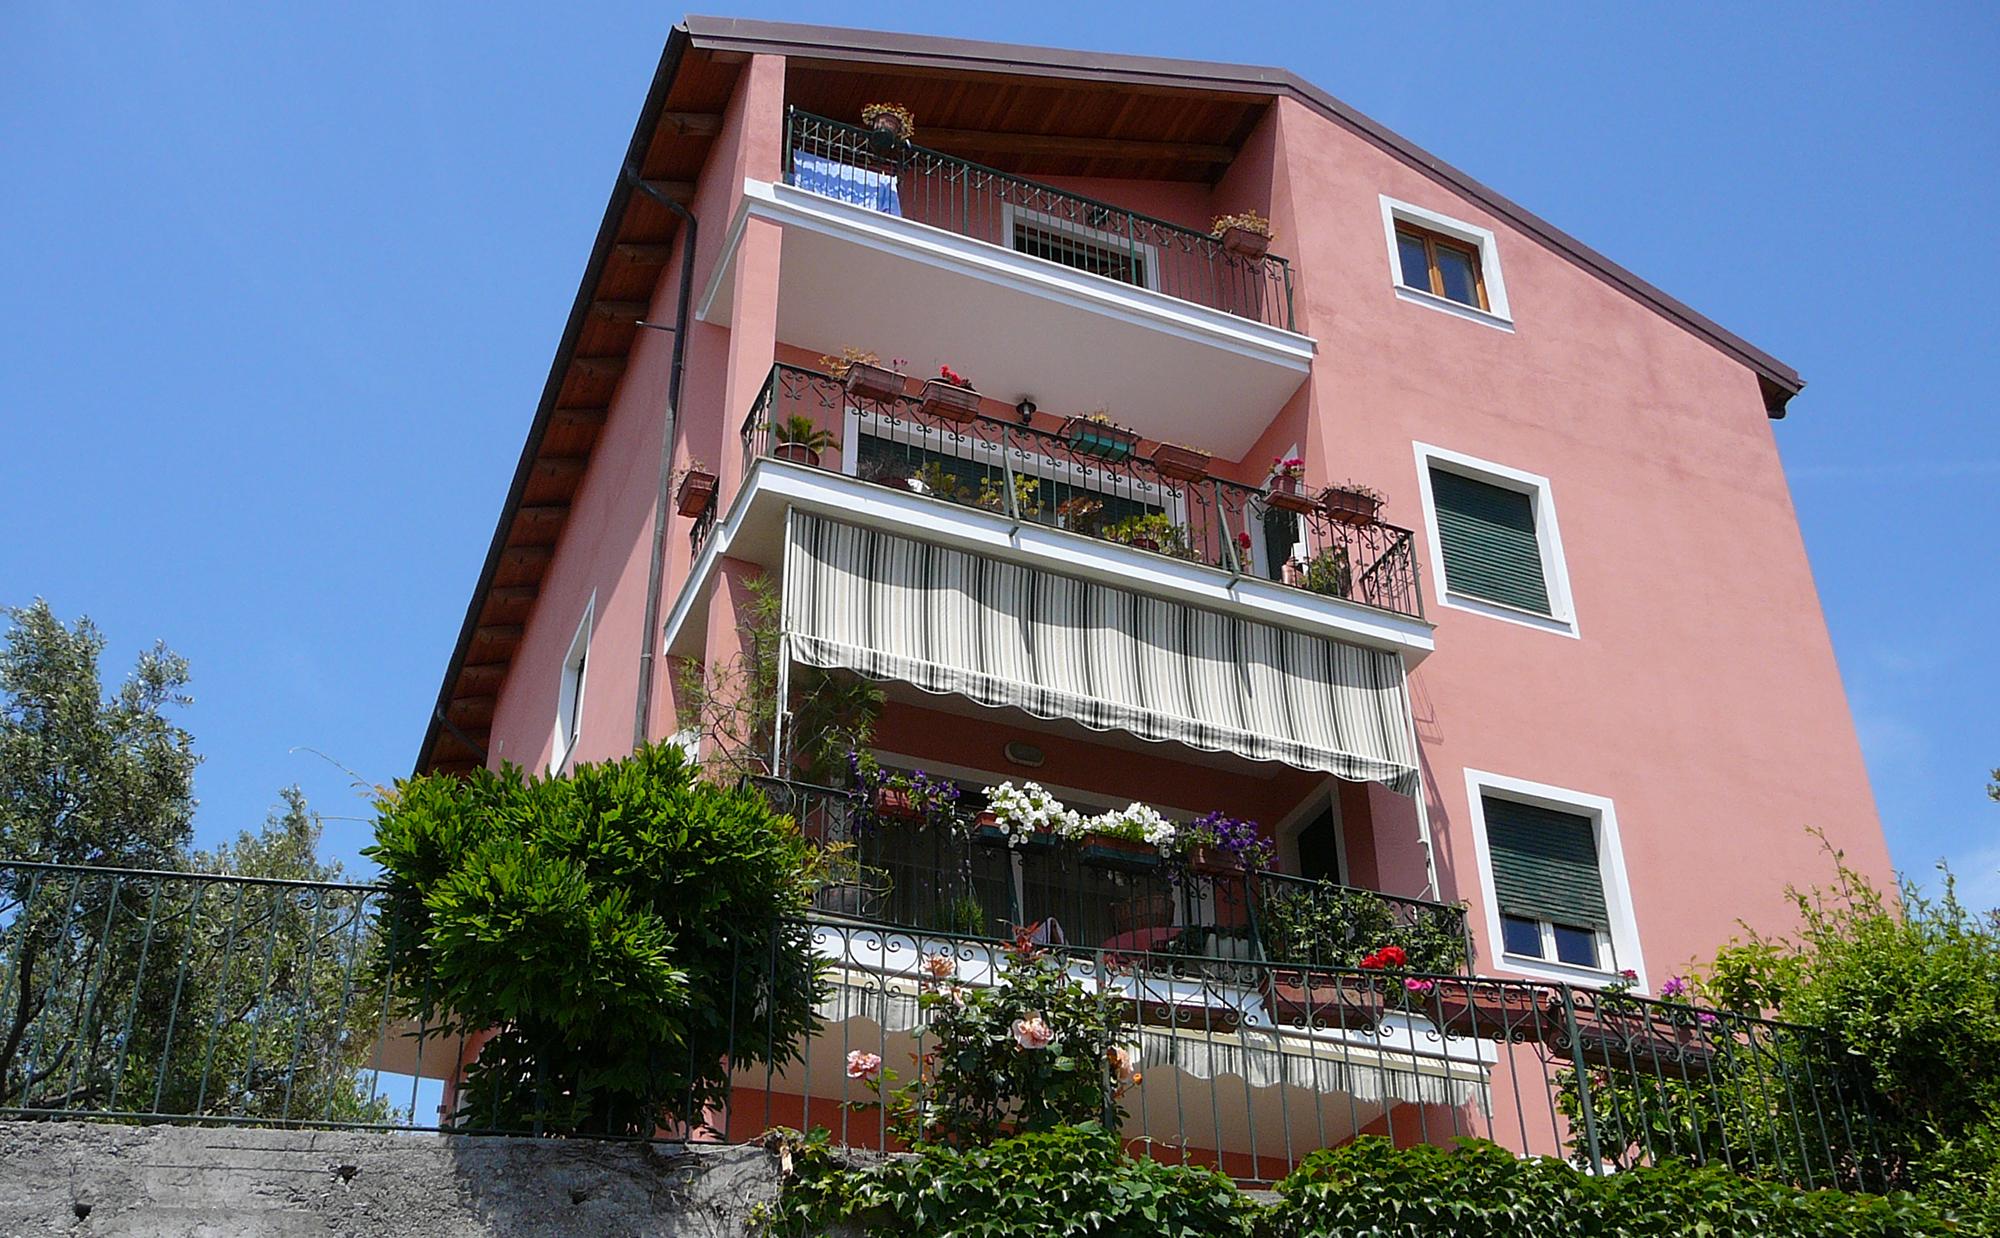 Casa Barbara Building